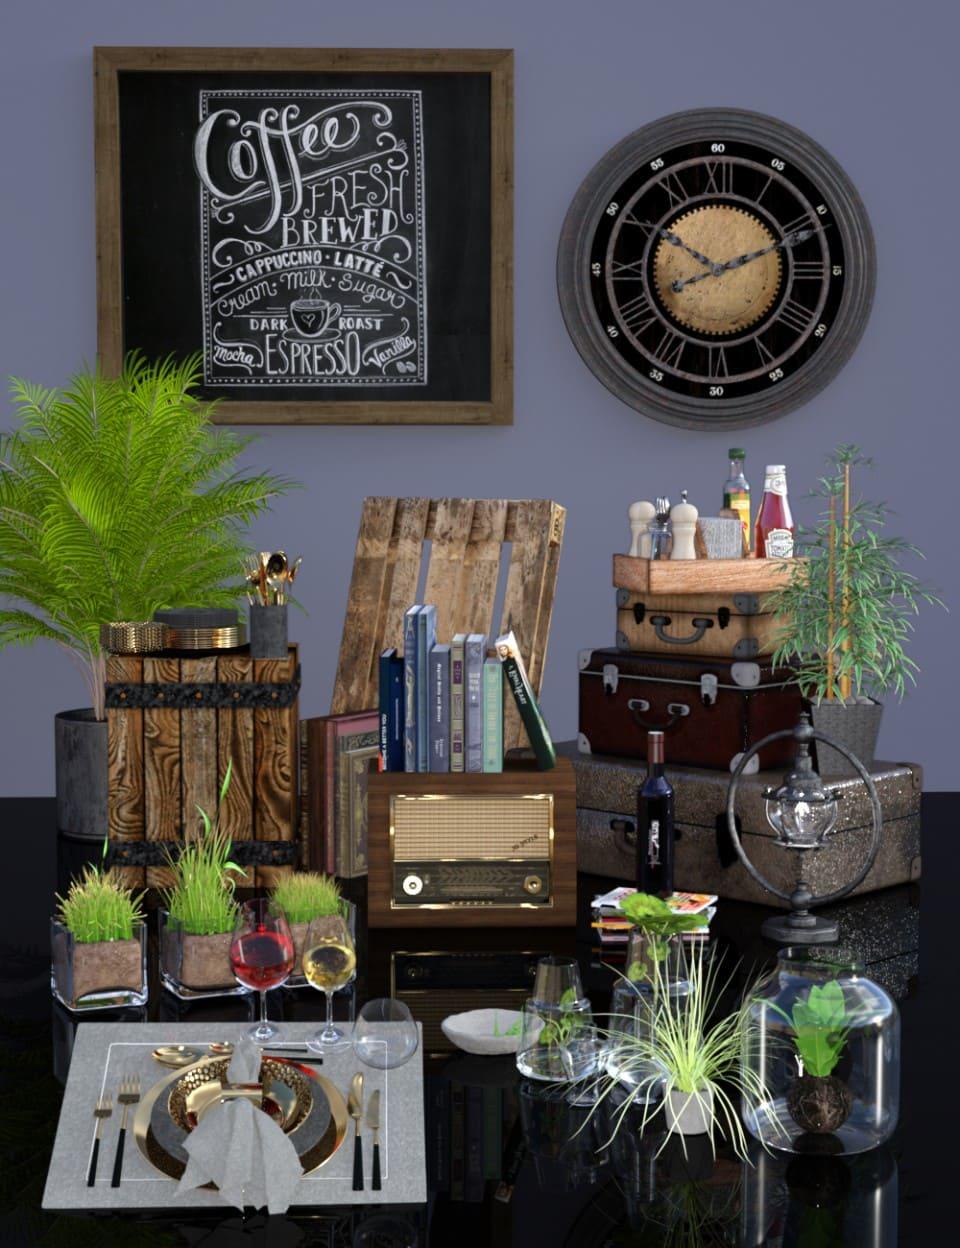 Industrial Loft Dining Room Decoration Add-on_DAZ3D下载站